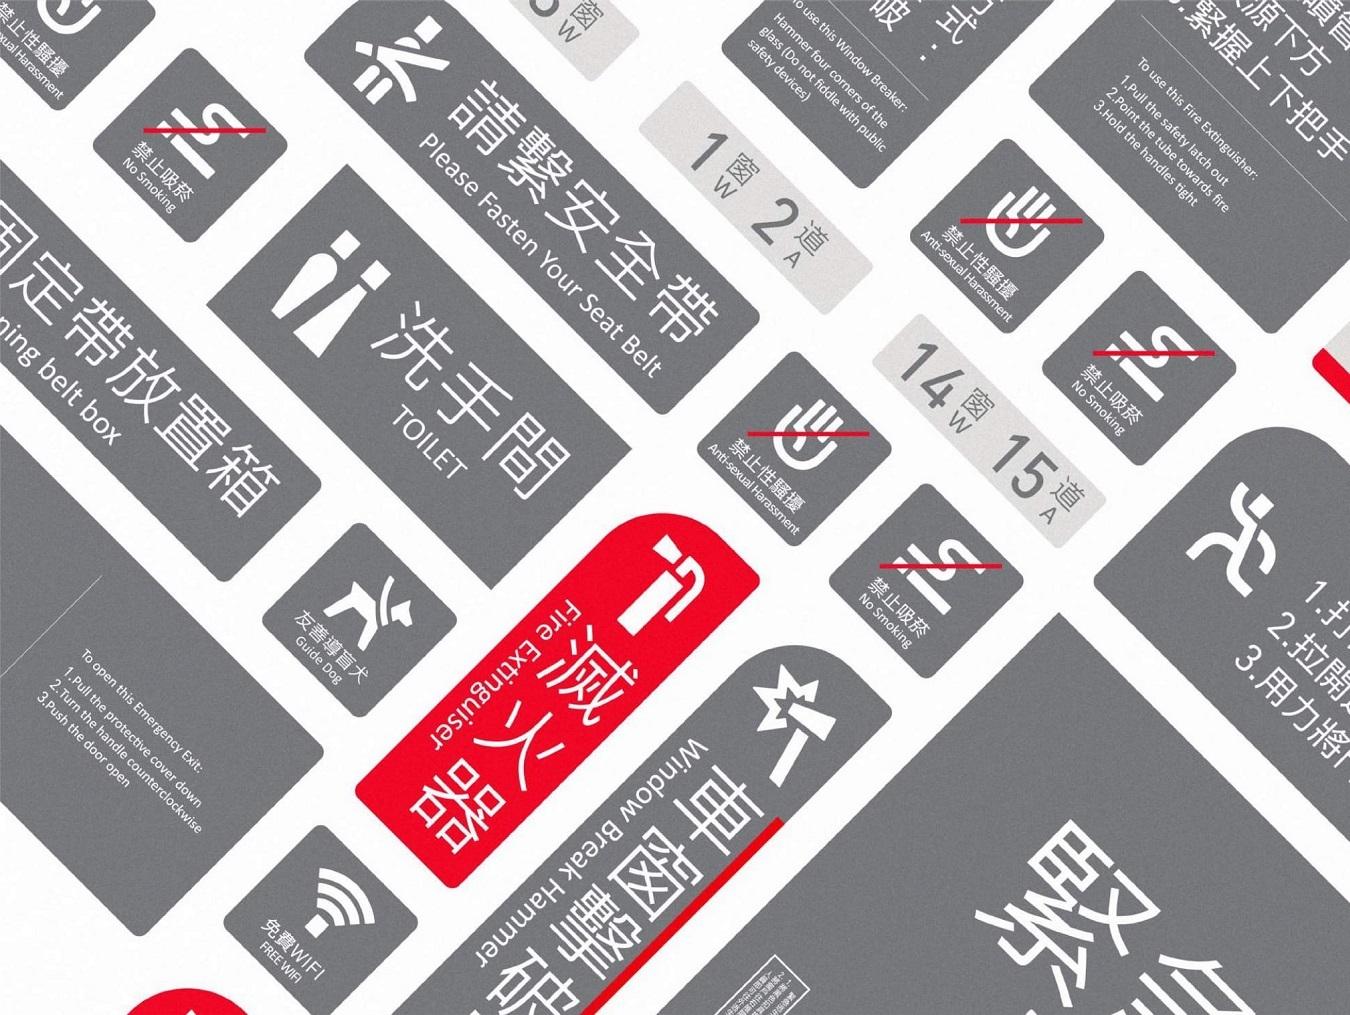 「台灣公路巴士資訊識別指標設計系統」設計規範書 資料開源開放下載